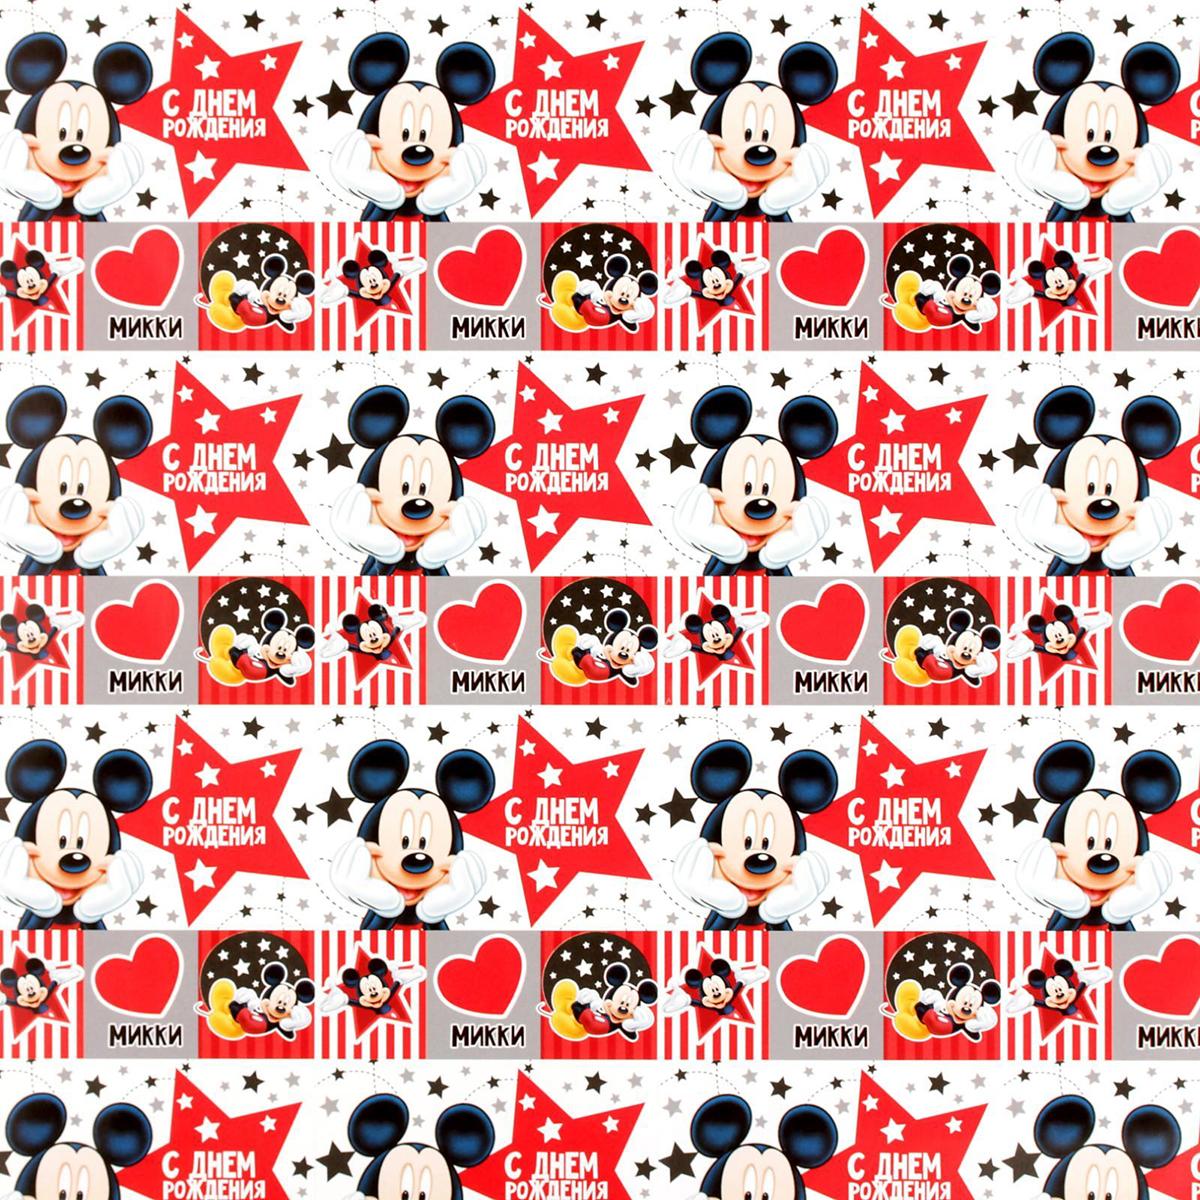 Бумага упаковочная Disney С Днем Рождения. Микки Маус, глянцевая, 70 х 100 см. 2586459 бумага упаковочная disney с днем рождения самая милая минни маус глянцевая 70 х 100 см 2390649